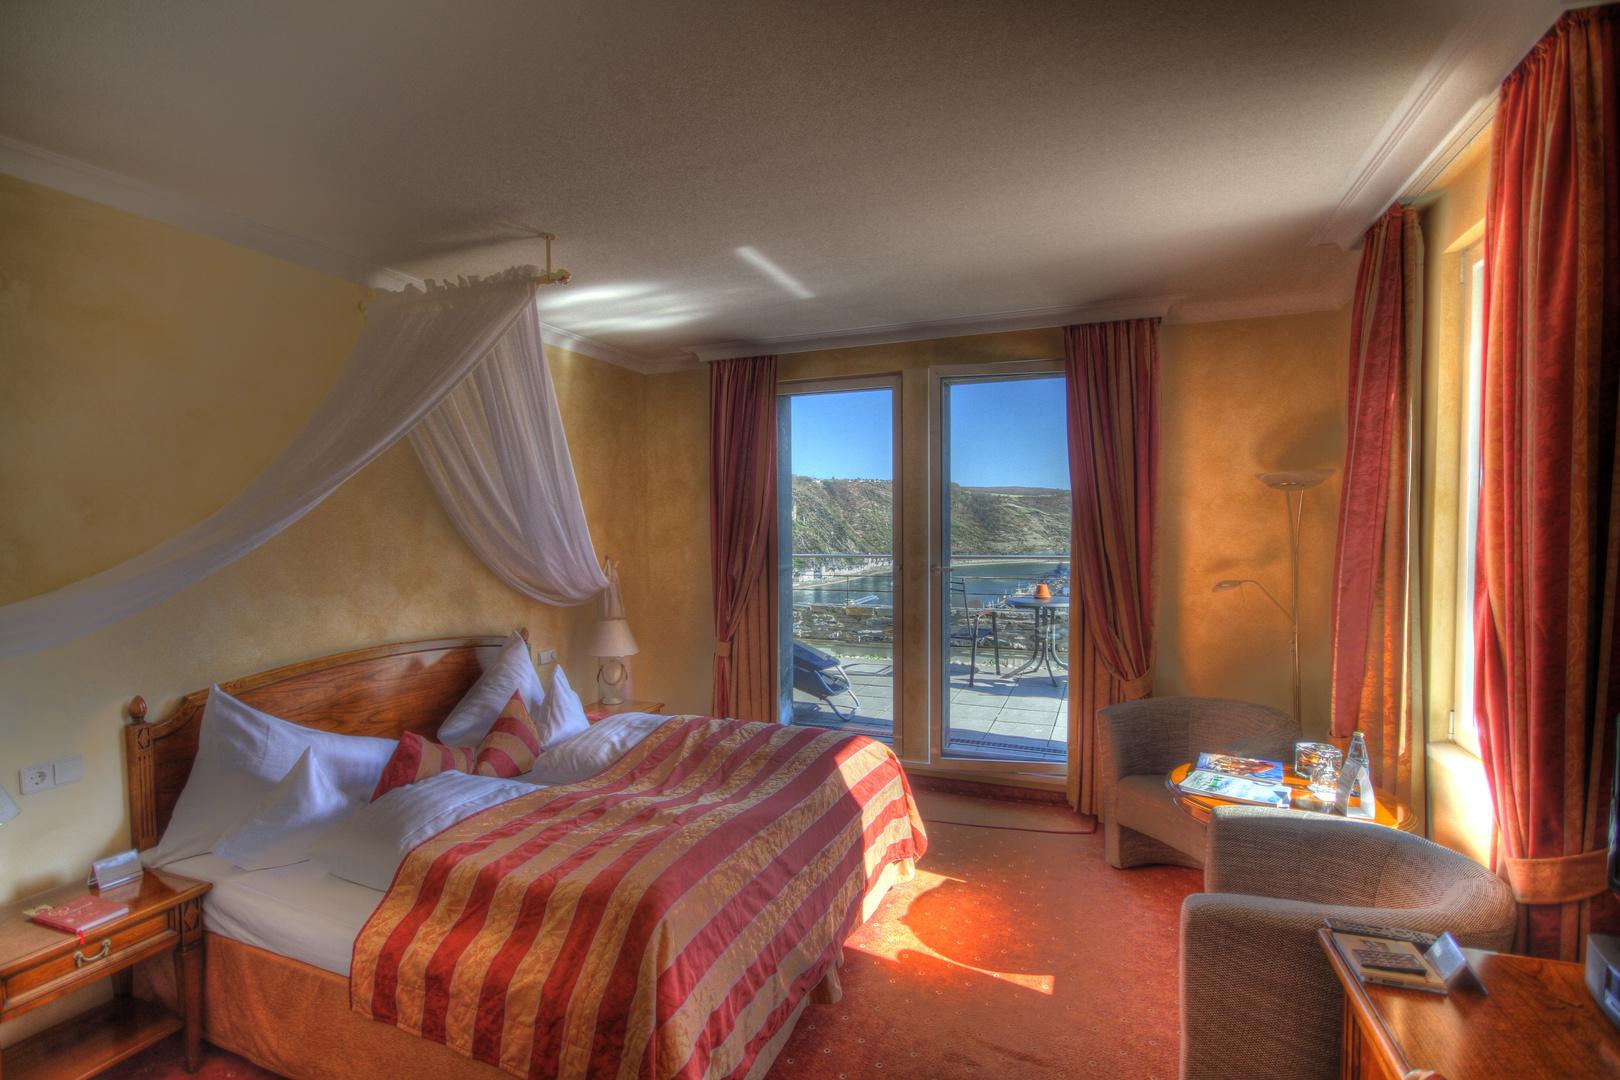 Schloss Rheinfels - Hotel Room